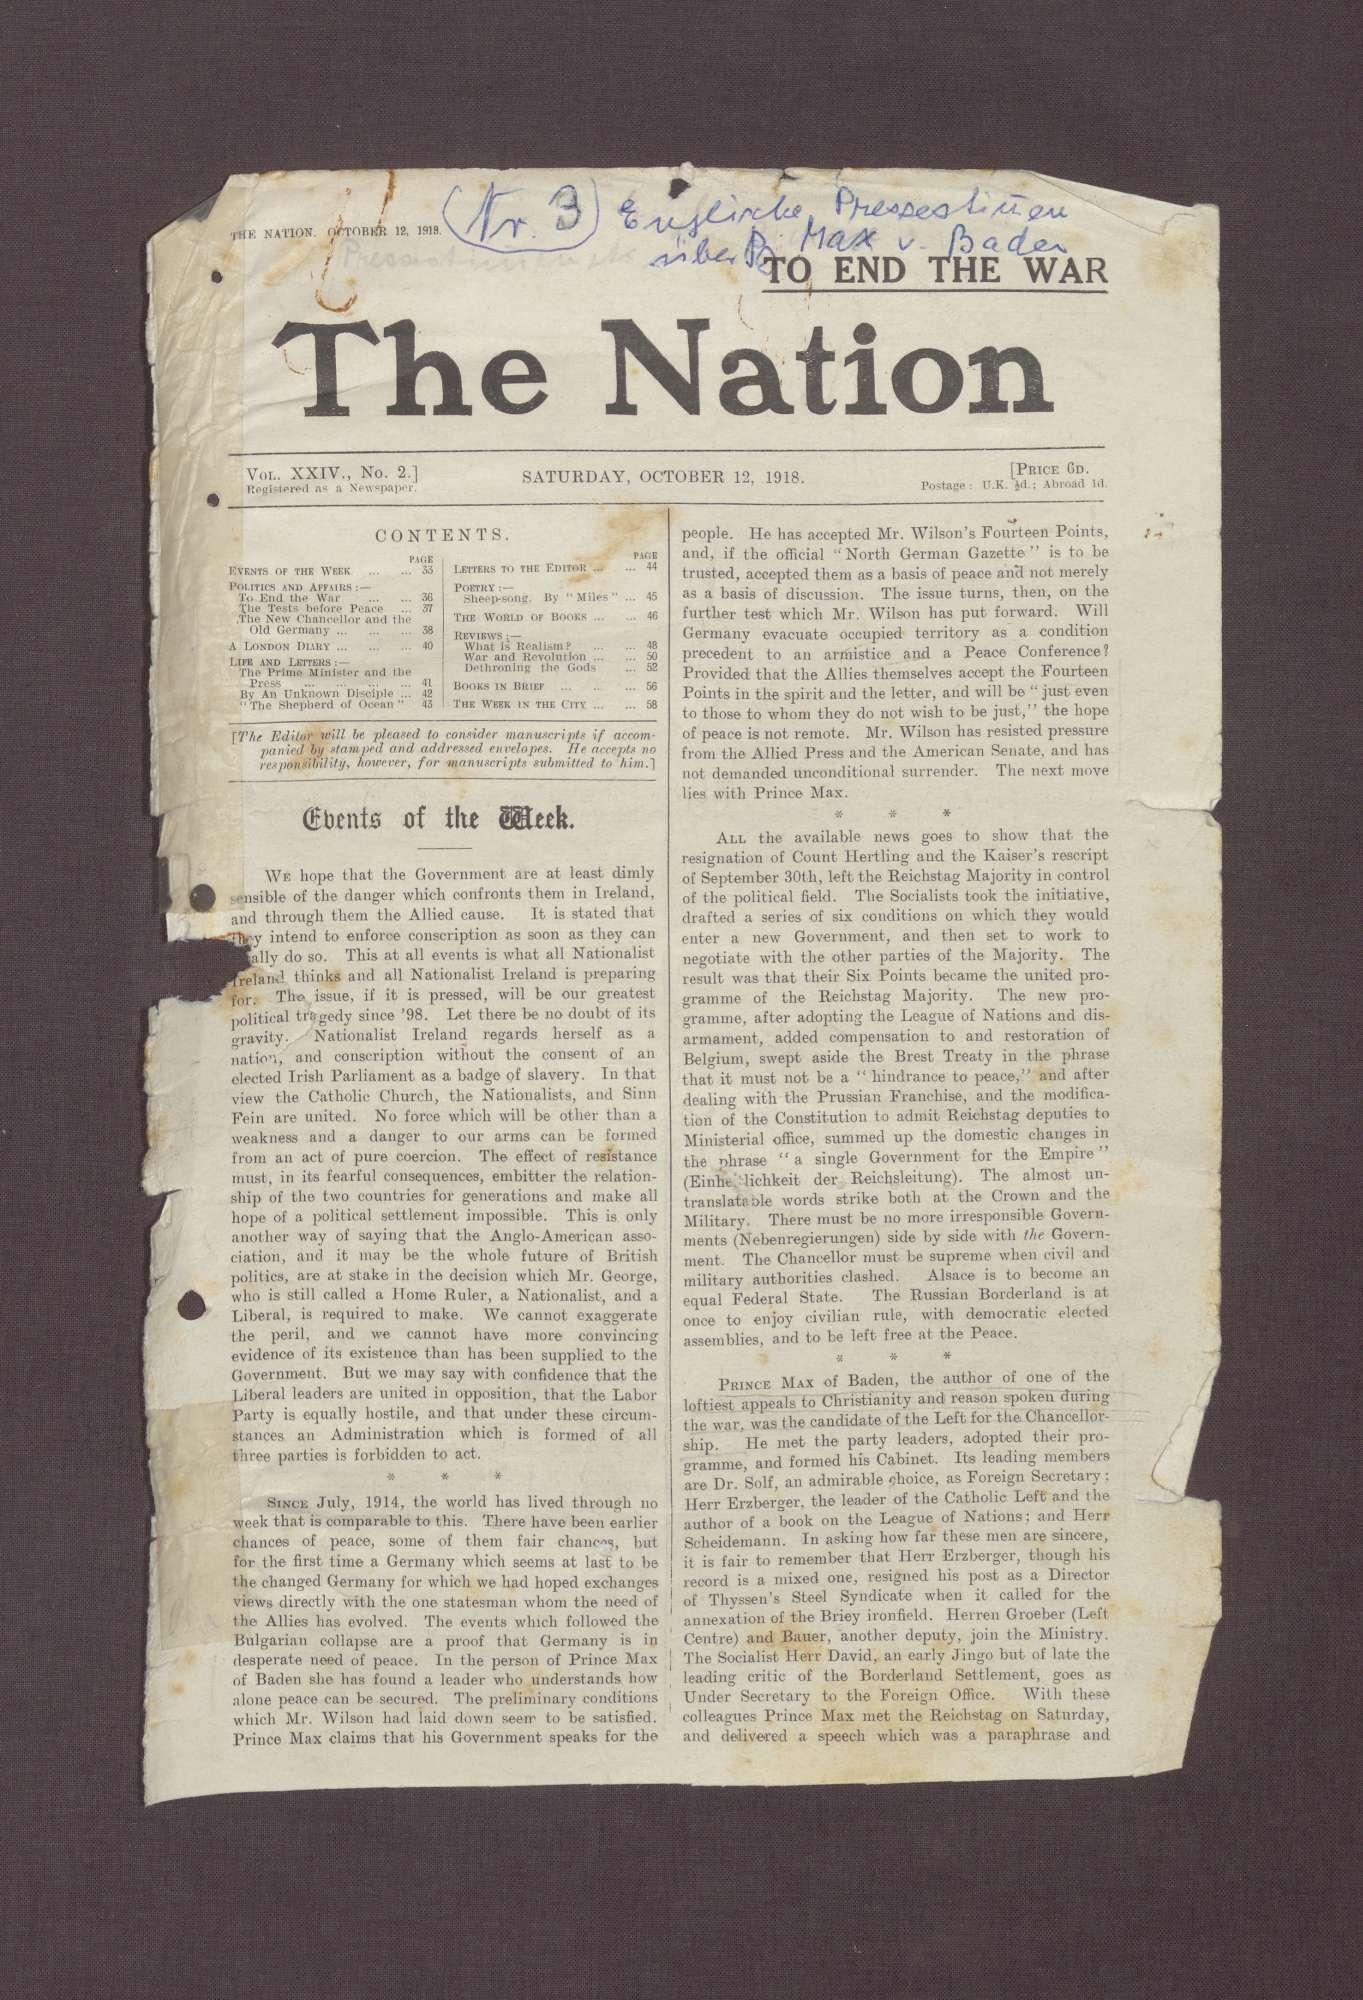 """Ausgabe von """"The Nation"""" mit einem Artikel über die Ernennung von Prinz Max zum Reichskanzler, Bild 1"""